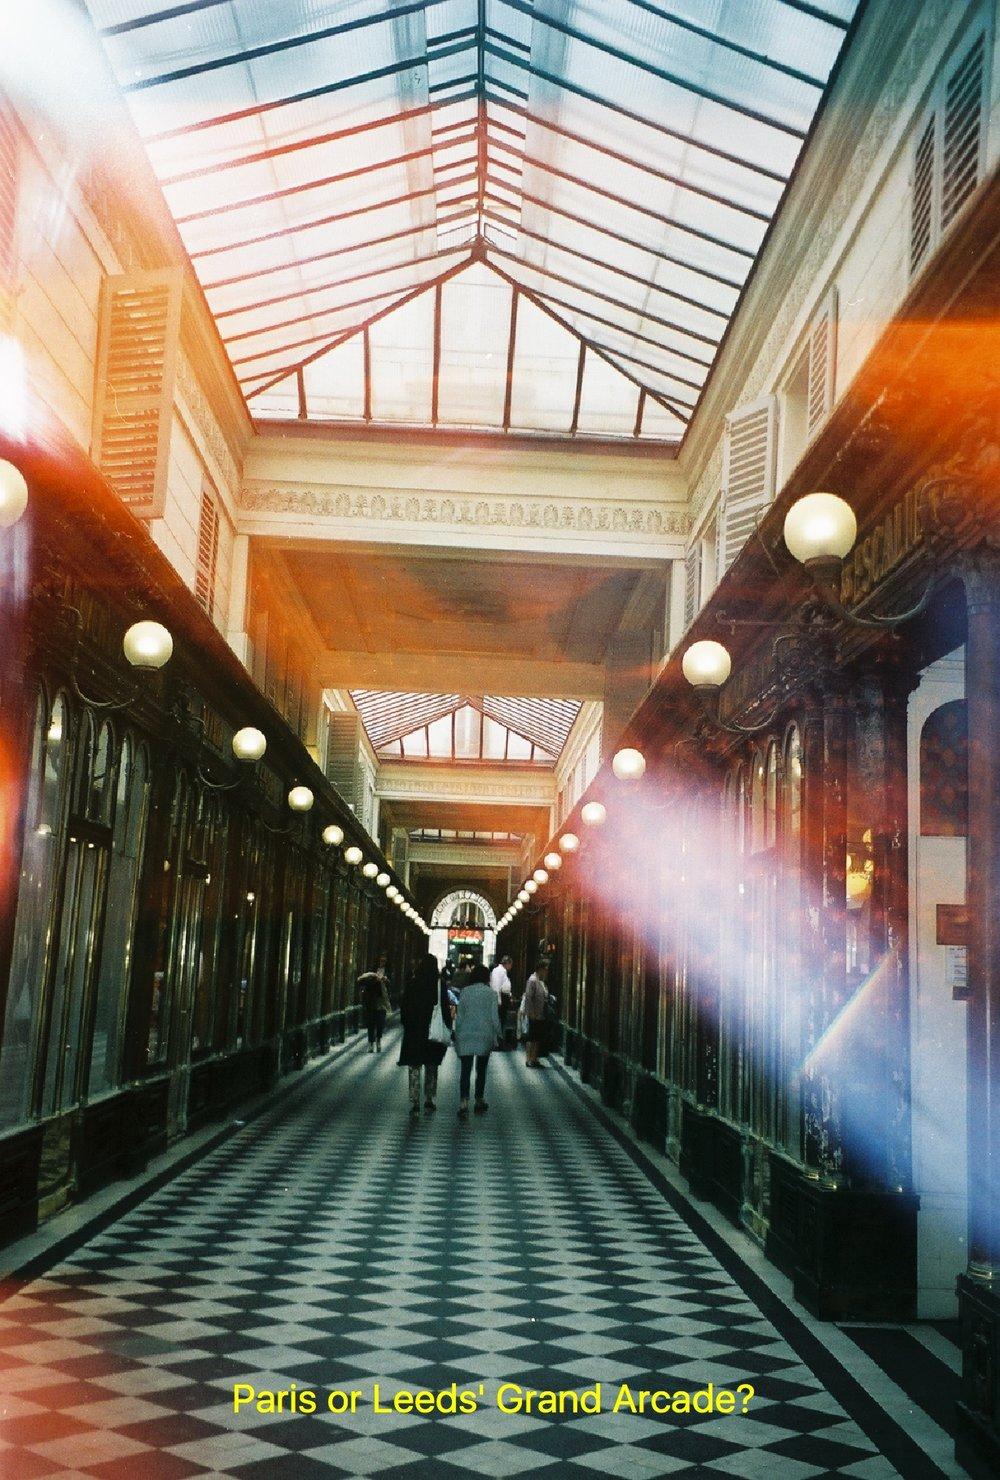 paris-on-35mm-film29_Fotor.jpg